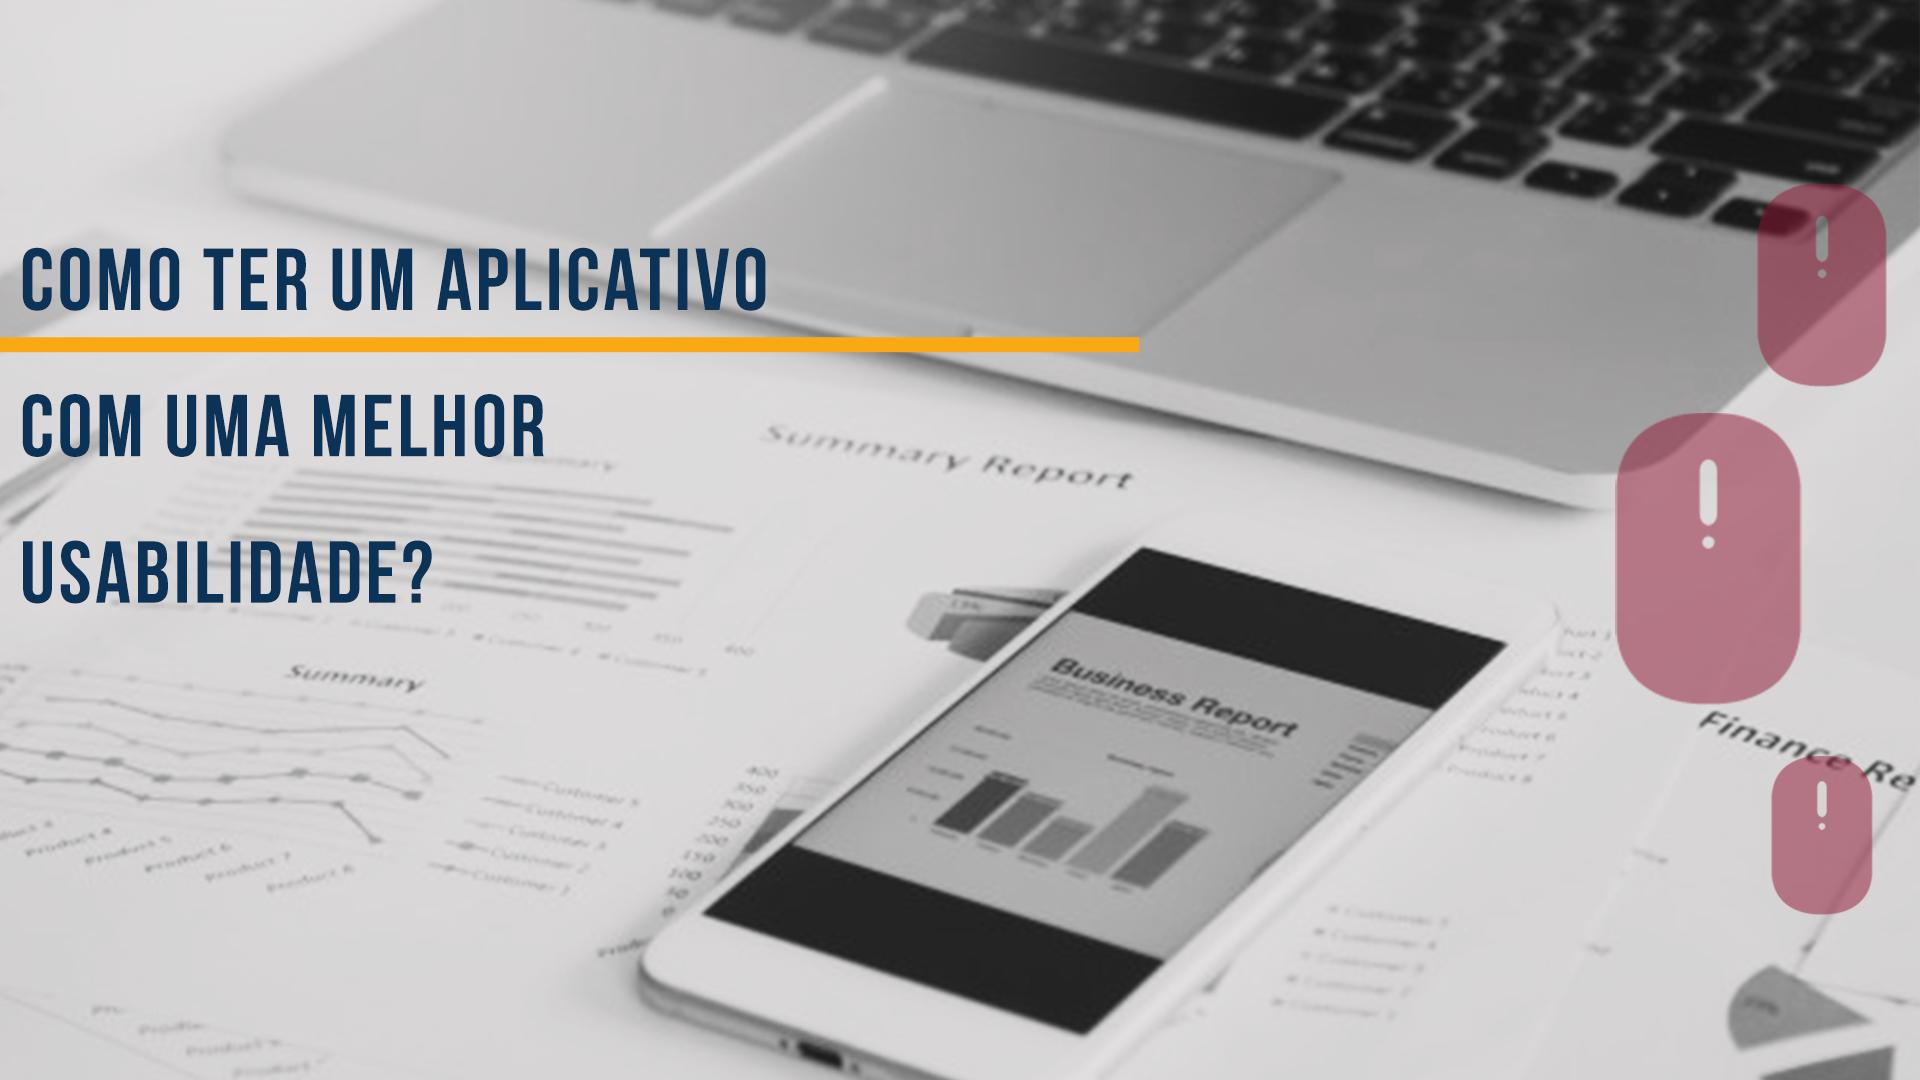 Contratar uma empresa especializada para a criação do aplicativo é a maneira certa de garantir que ele será tão funcional e eficiente quanto os seus usuários exigem que seja. Isso é usabilidade!